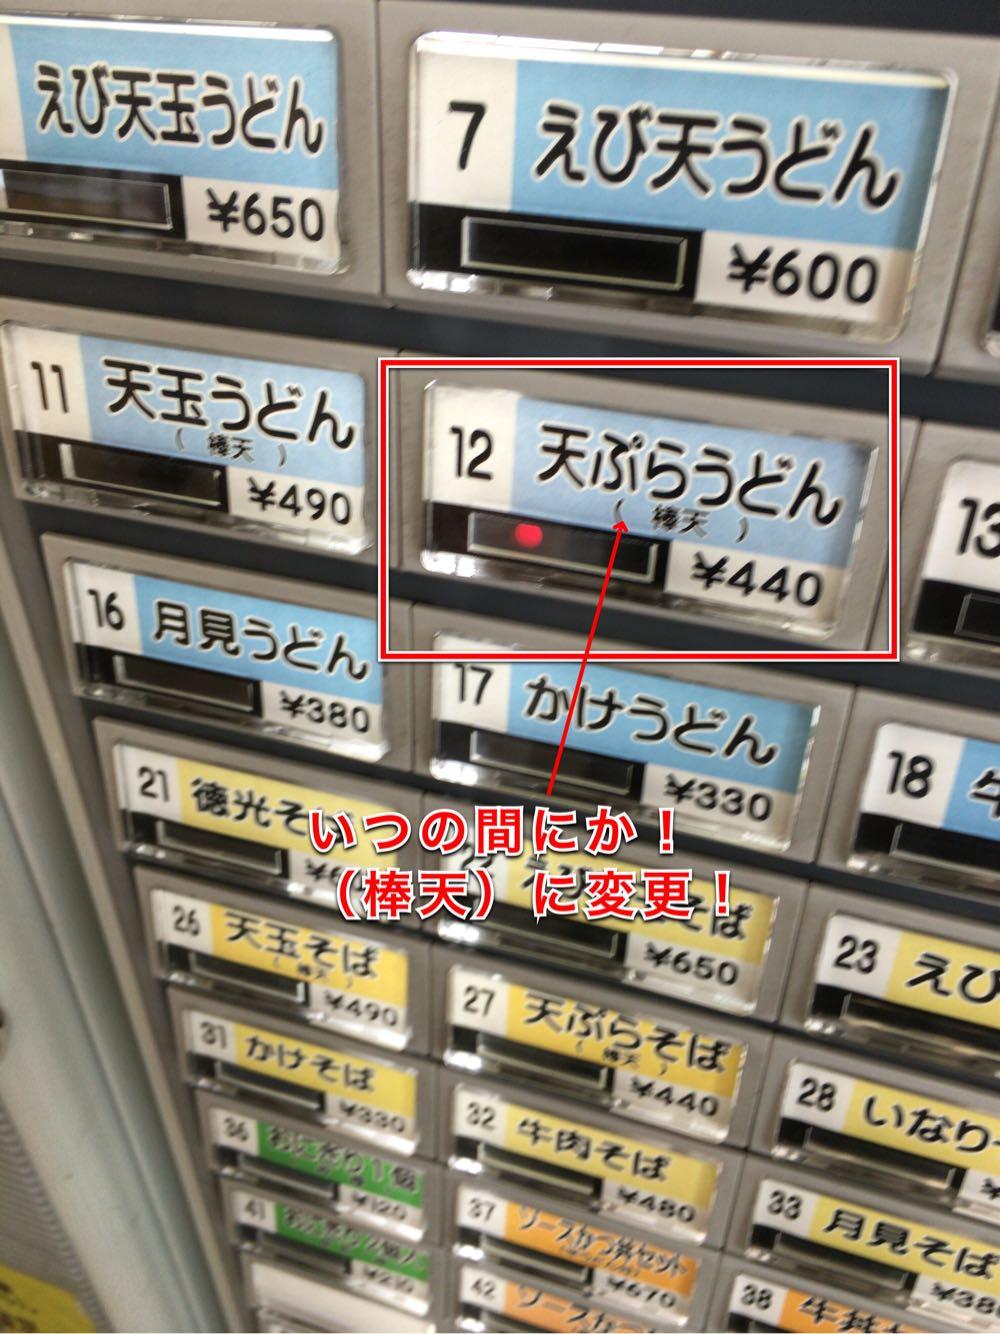 徳光PA フードコート 券売機